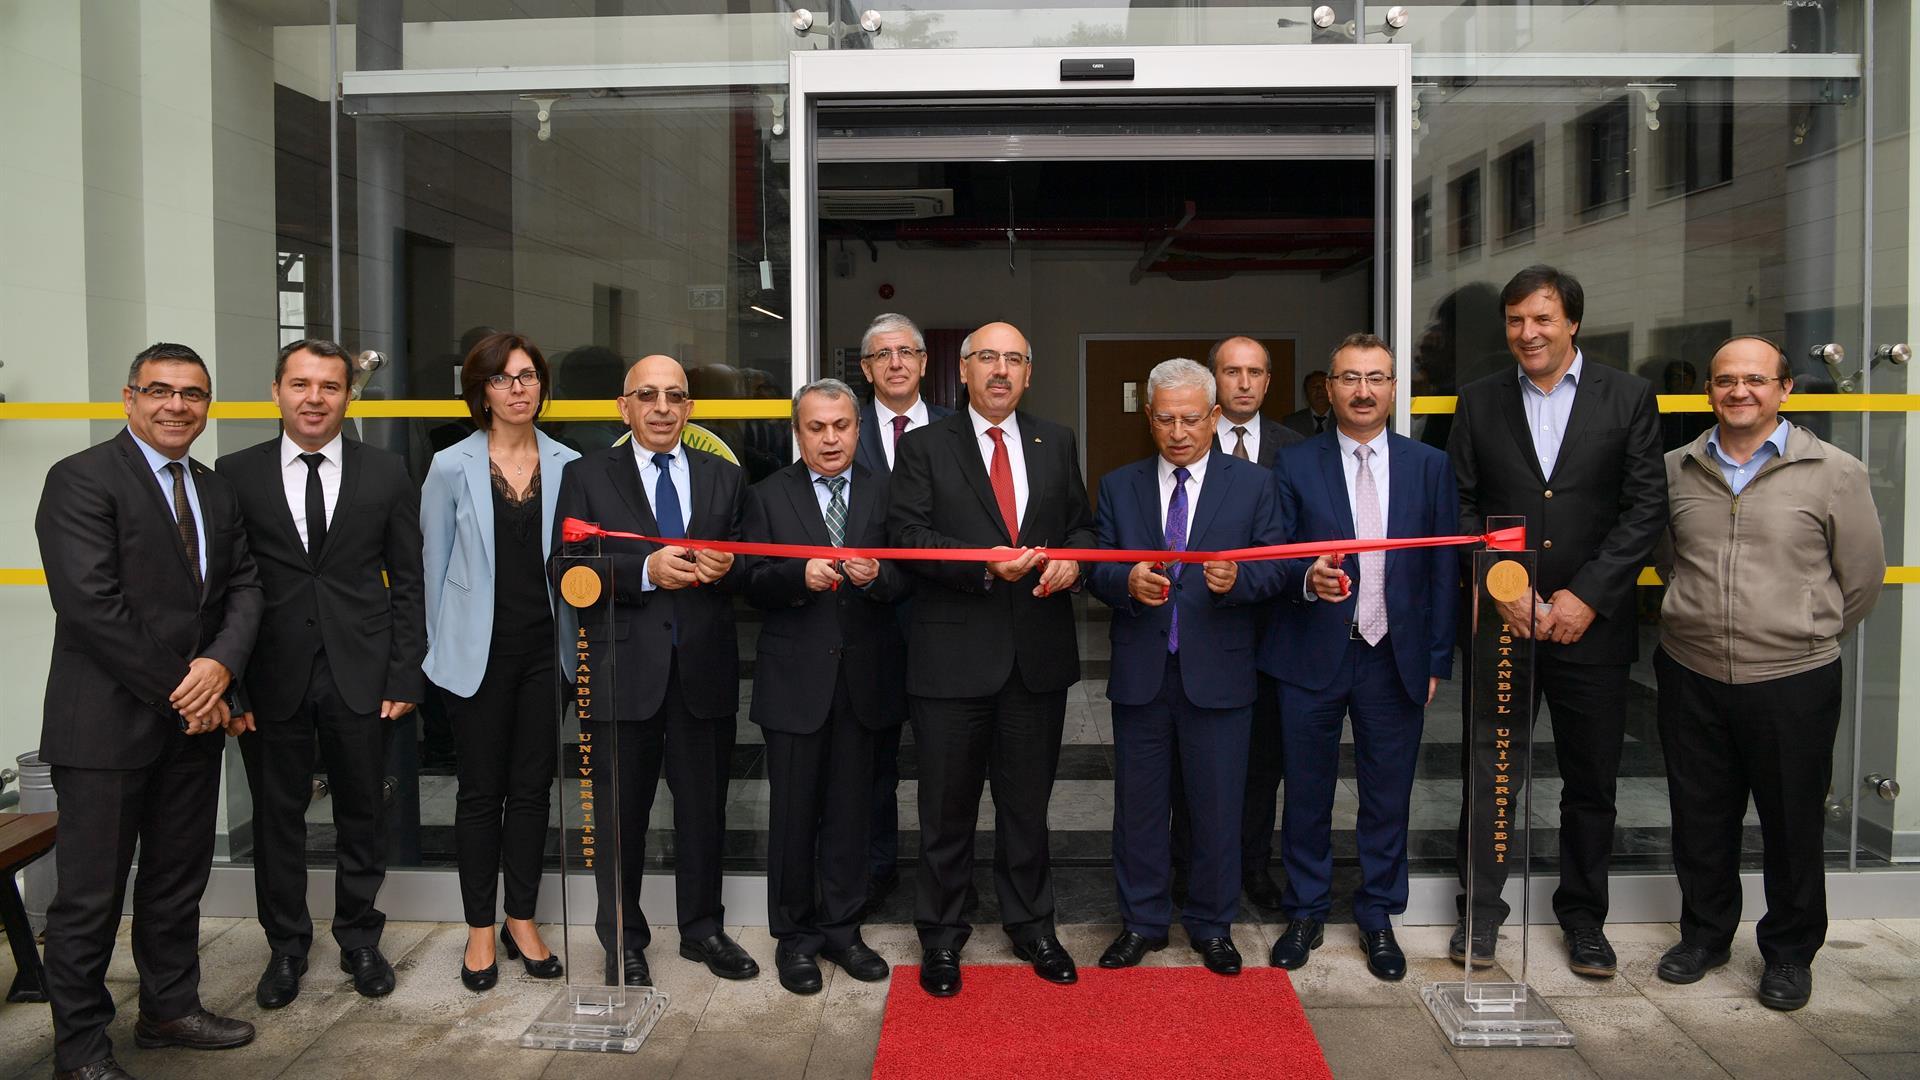 İÜ-İktisat-Fakültesi-Ek-Bina-2'nin-Açılış-Töreni-Gerçekleştirildi